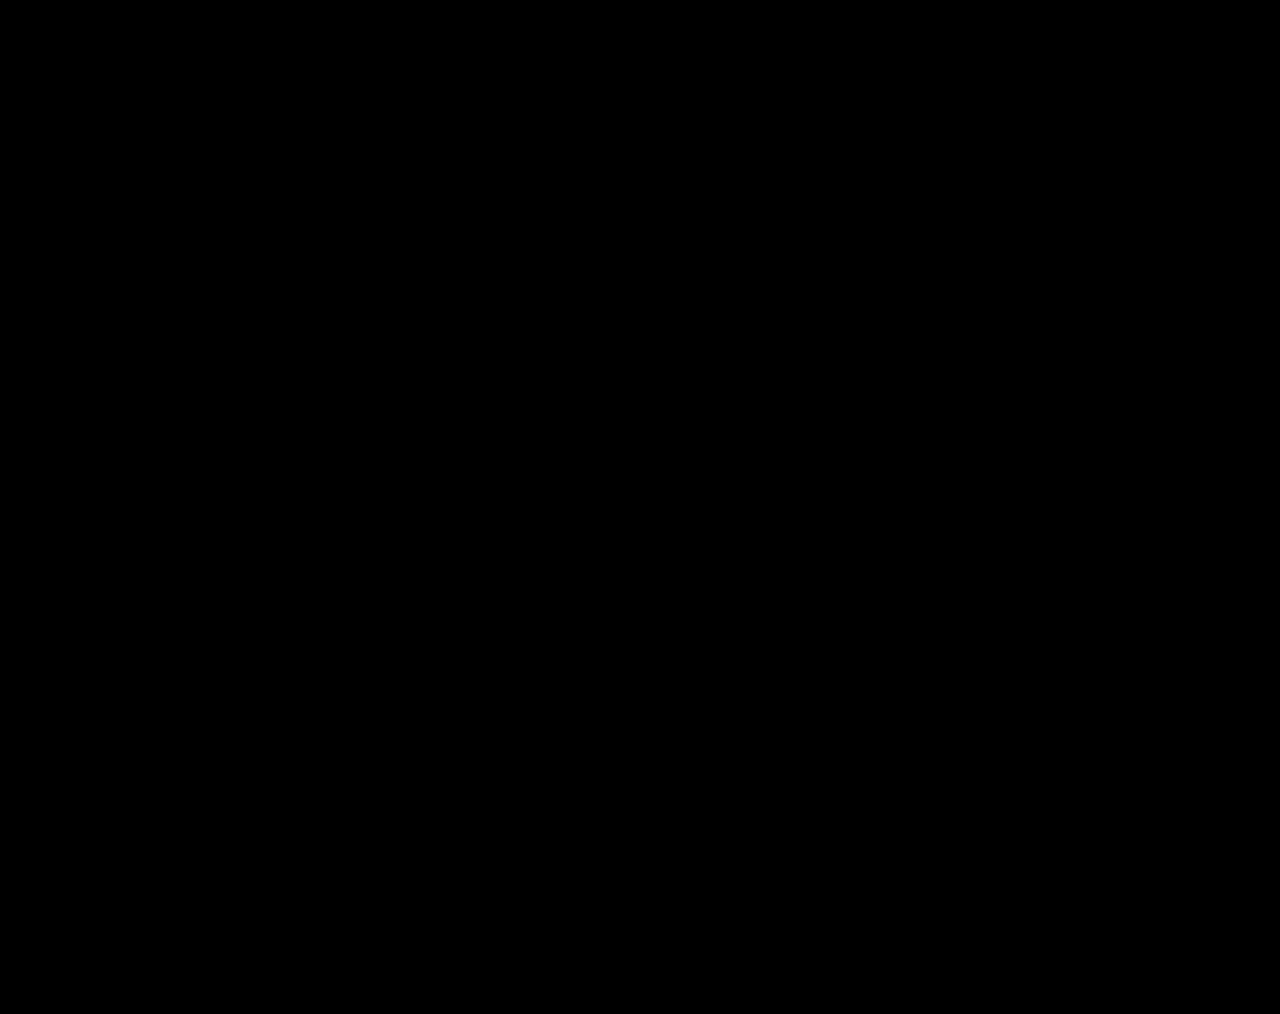 vector free download Sasuke Face Drawing at GetDrawings